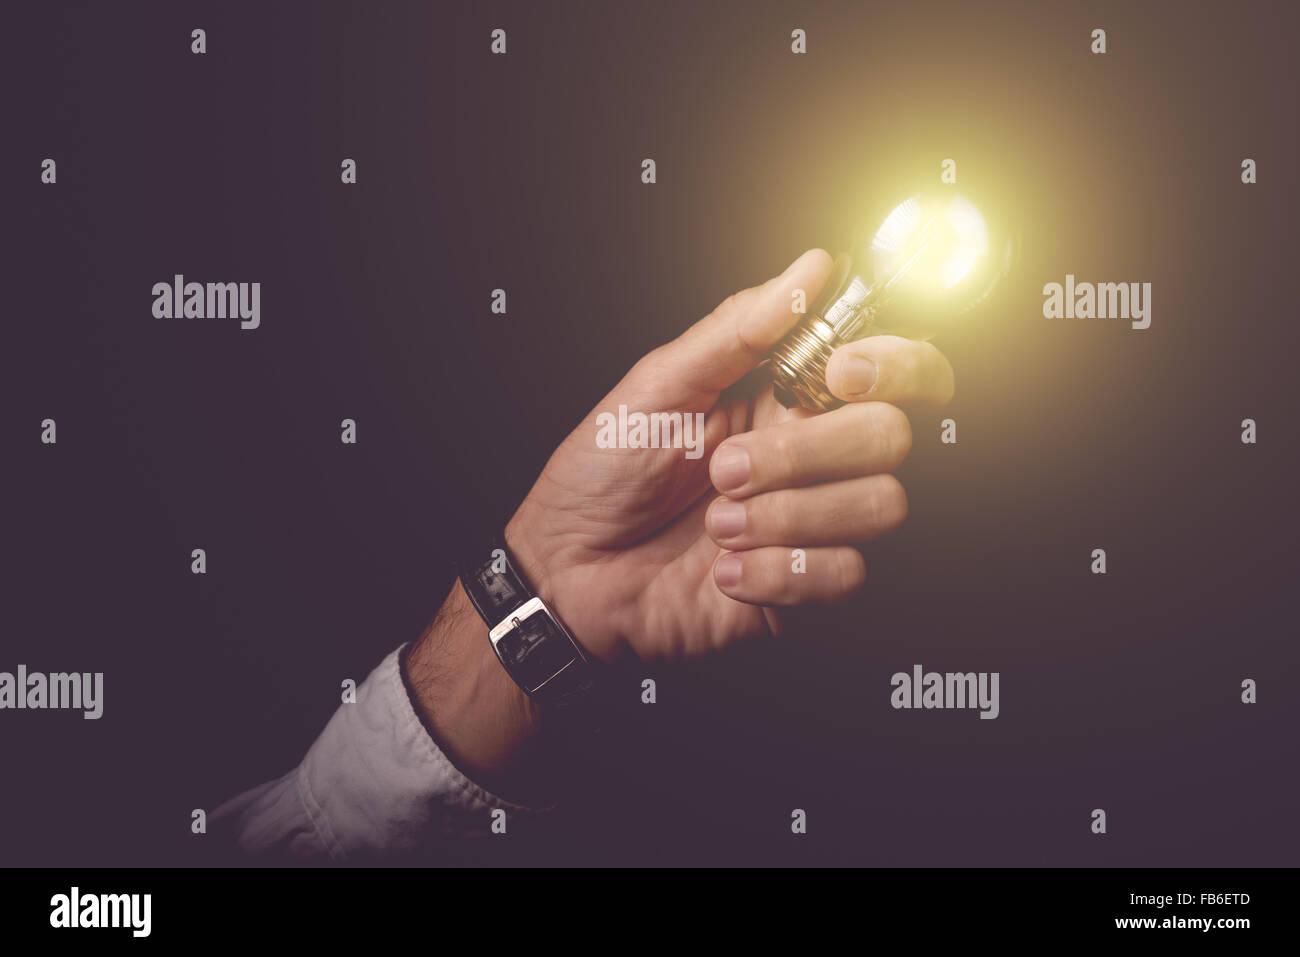 El empresario la celebración de bombilla, el concepto de nuevas ideas, la innovación y la creatividad, Imagen De Stock